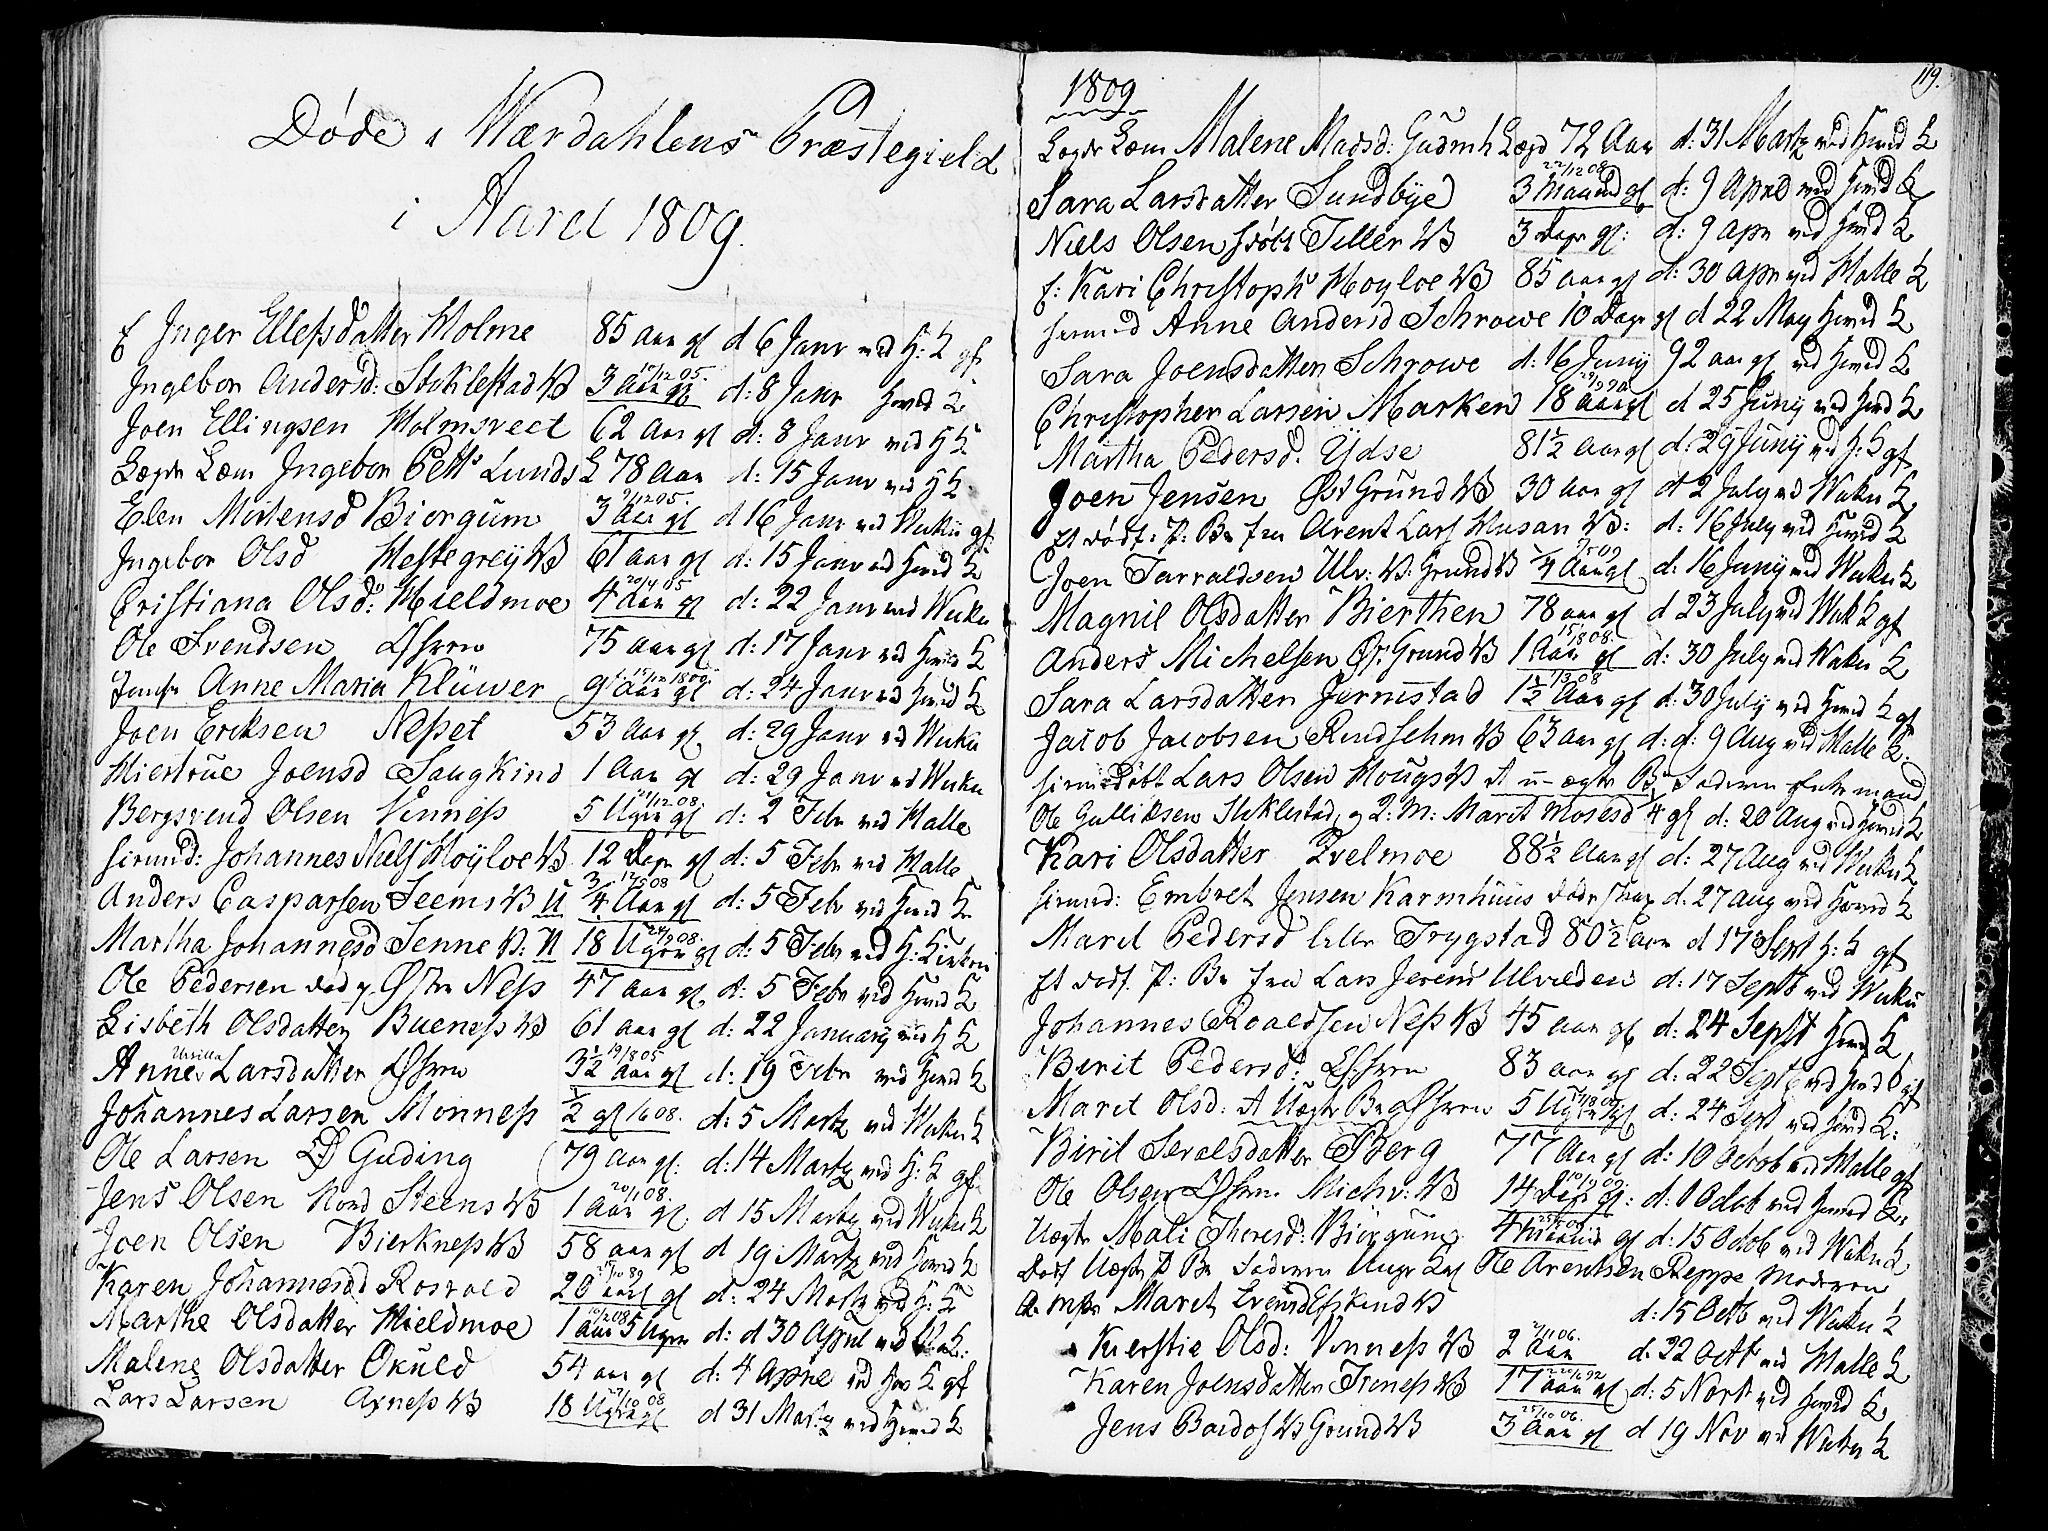 SAT, Ministerialprotokoller, klokkerbøker og fødselsregistre - Nord-Trøndelag, 723/L0233: Ministerialbok nr. 723A04, 1805-1816, s. 119